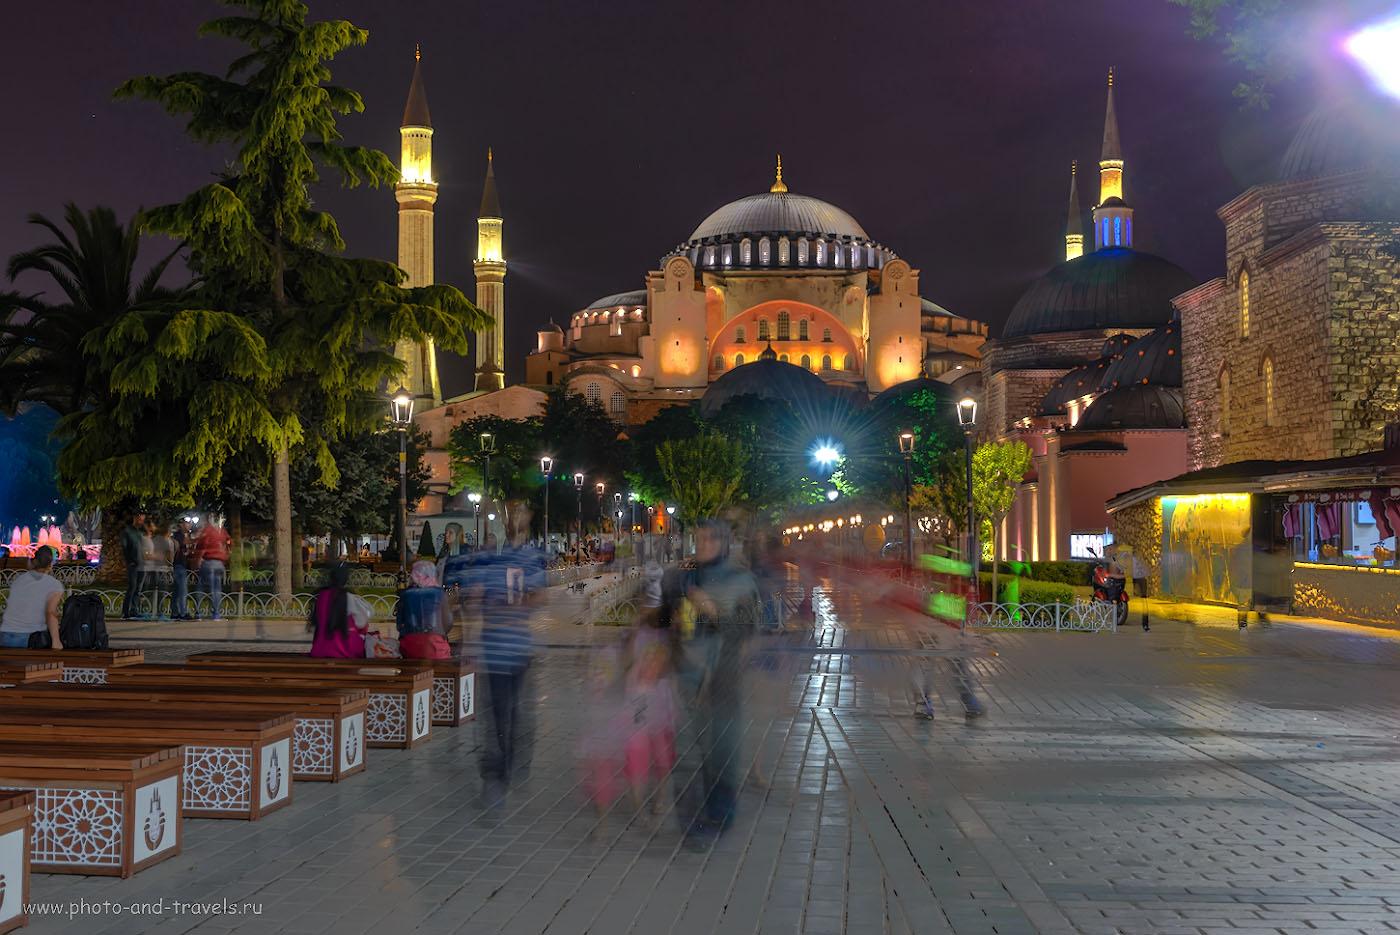 Фото 2. Софийский собор (Айя-София) в Стамбуле. Поездка в Турцию. Отзывы туристов о самостоятельной экскурсии. HDR из 3-х кадров. Снято со штатива Sirui T-2204X с головкой G20-KX. Камера Nikon D610, объектив Nikon 24-70mm f/2.8.